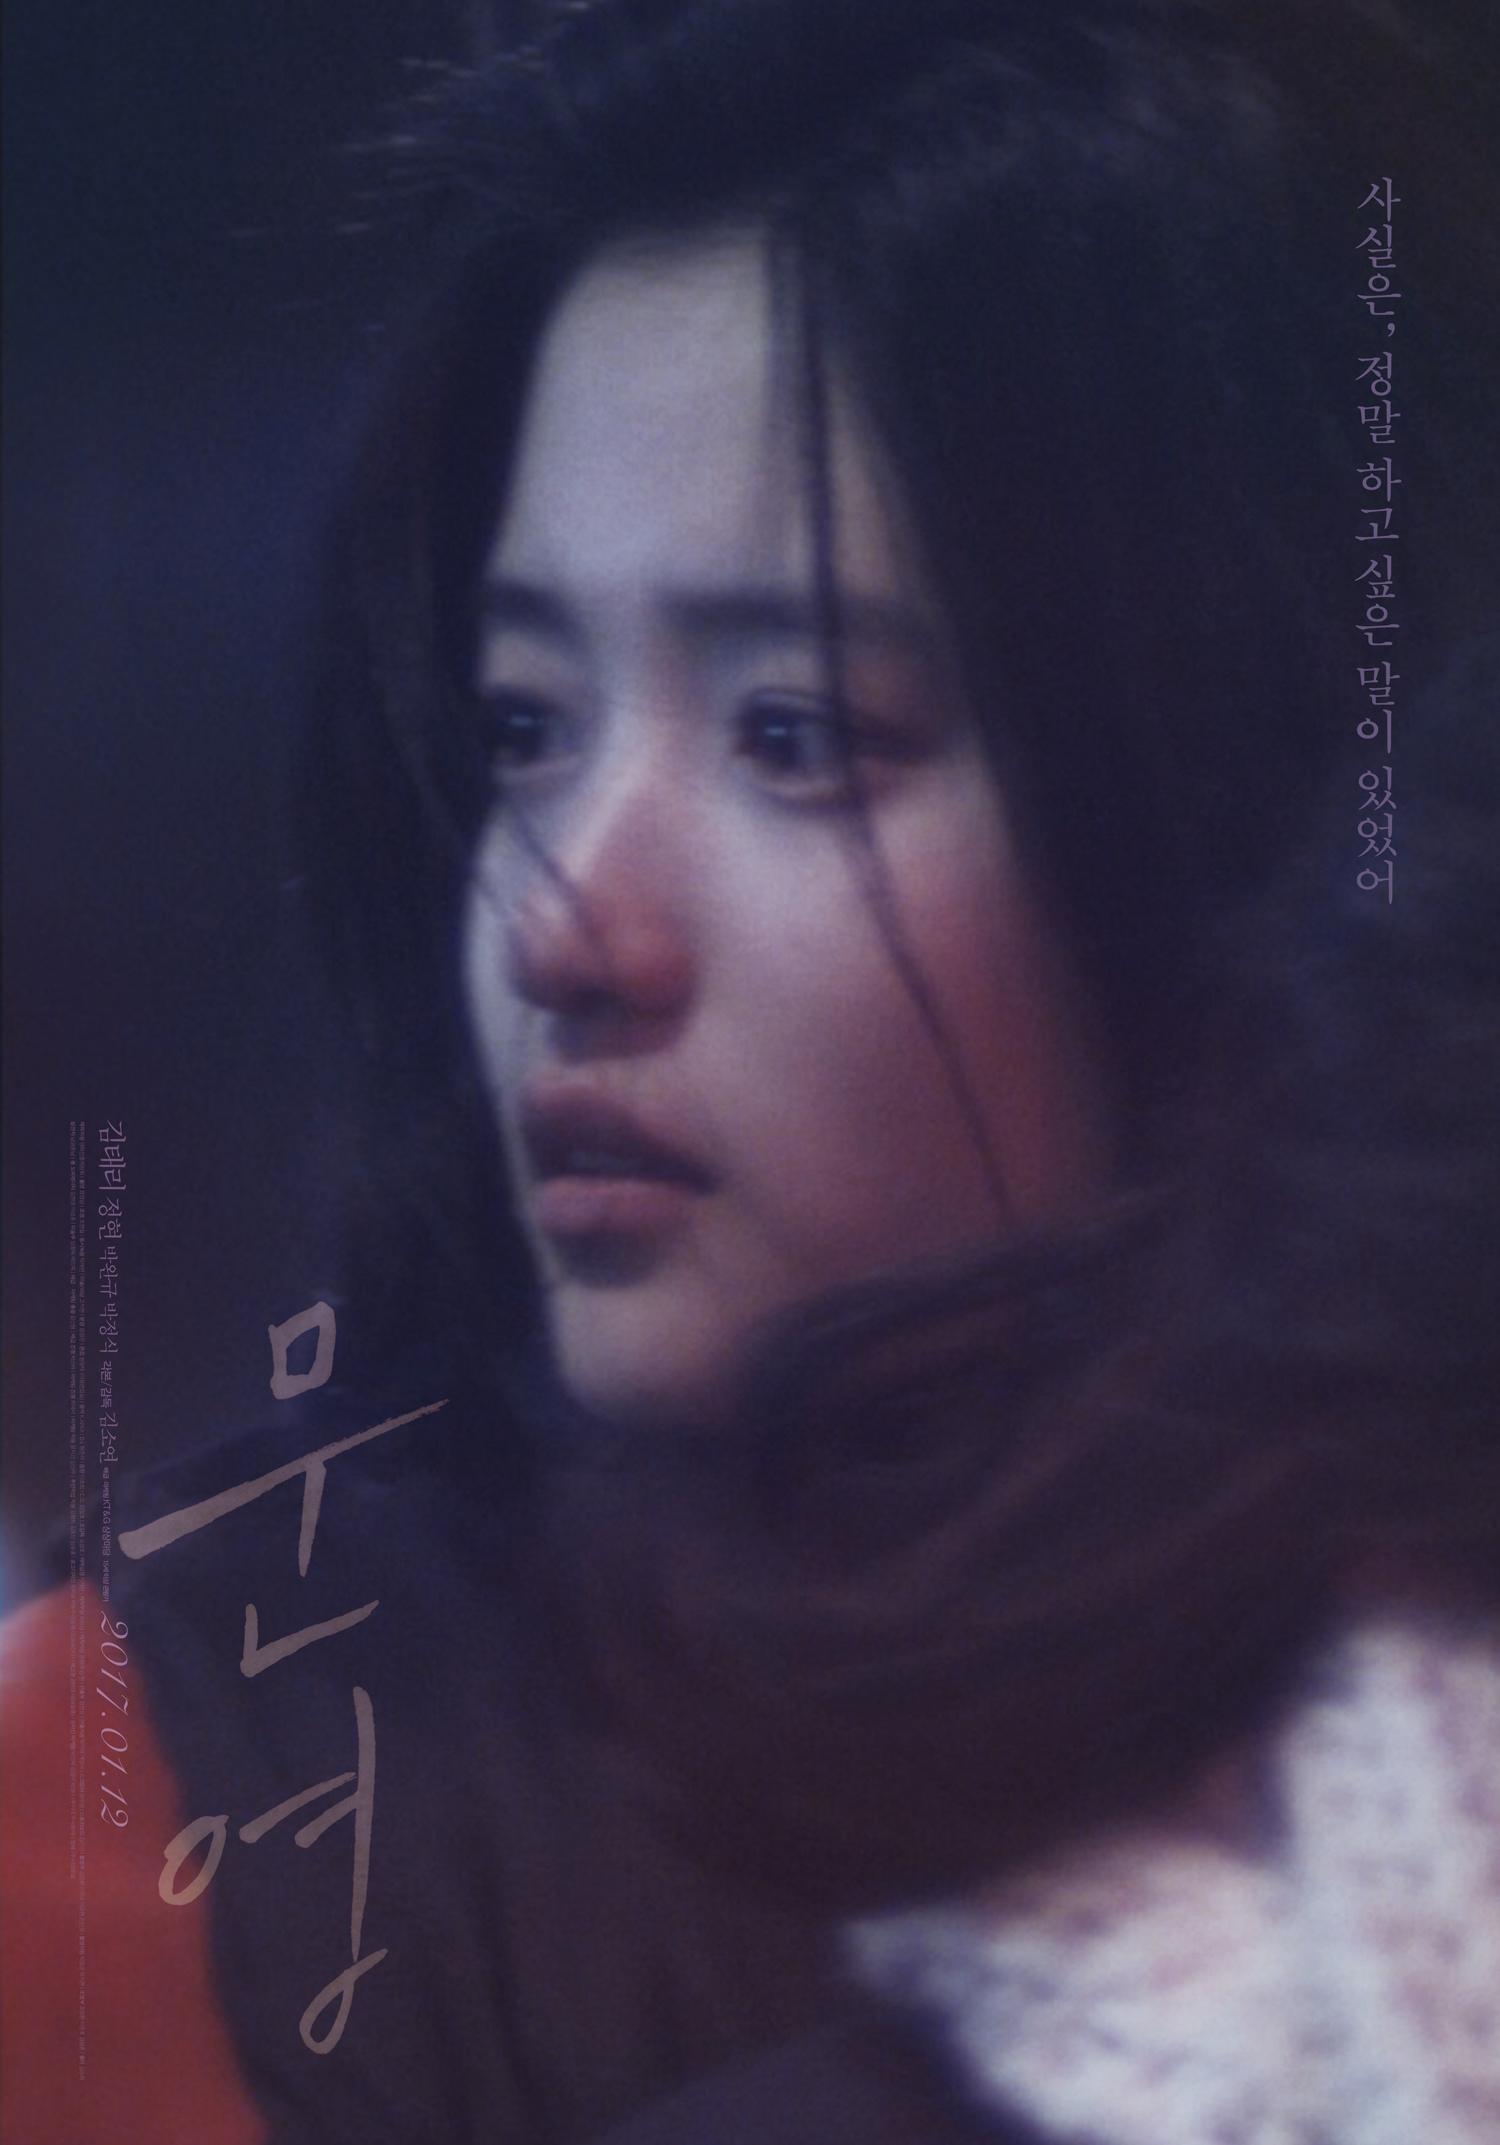 문영 (Moon young, 2017)